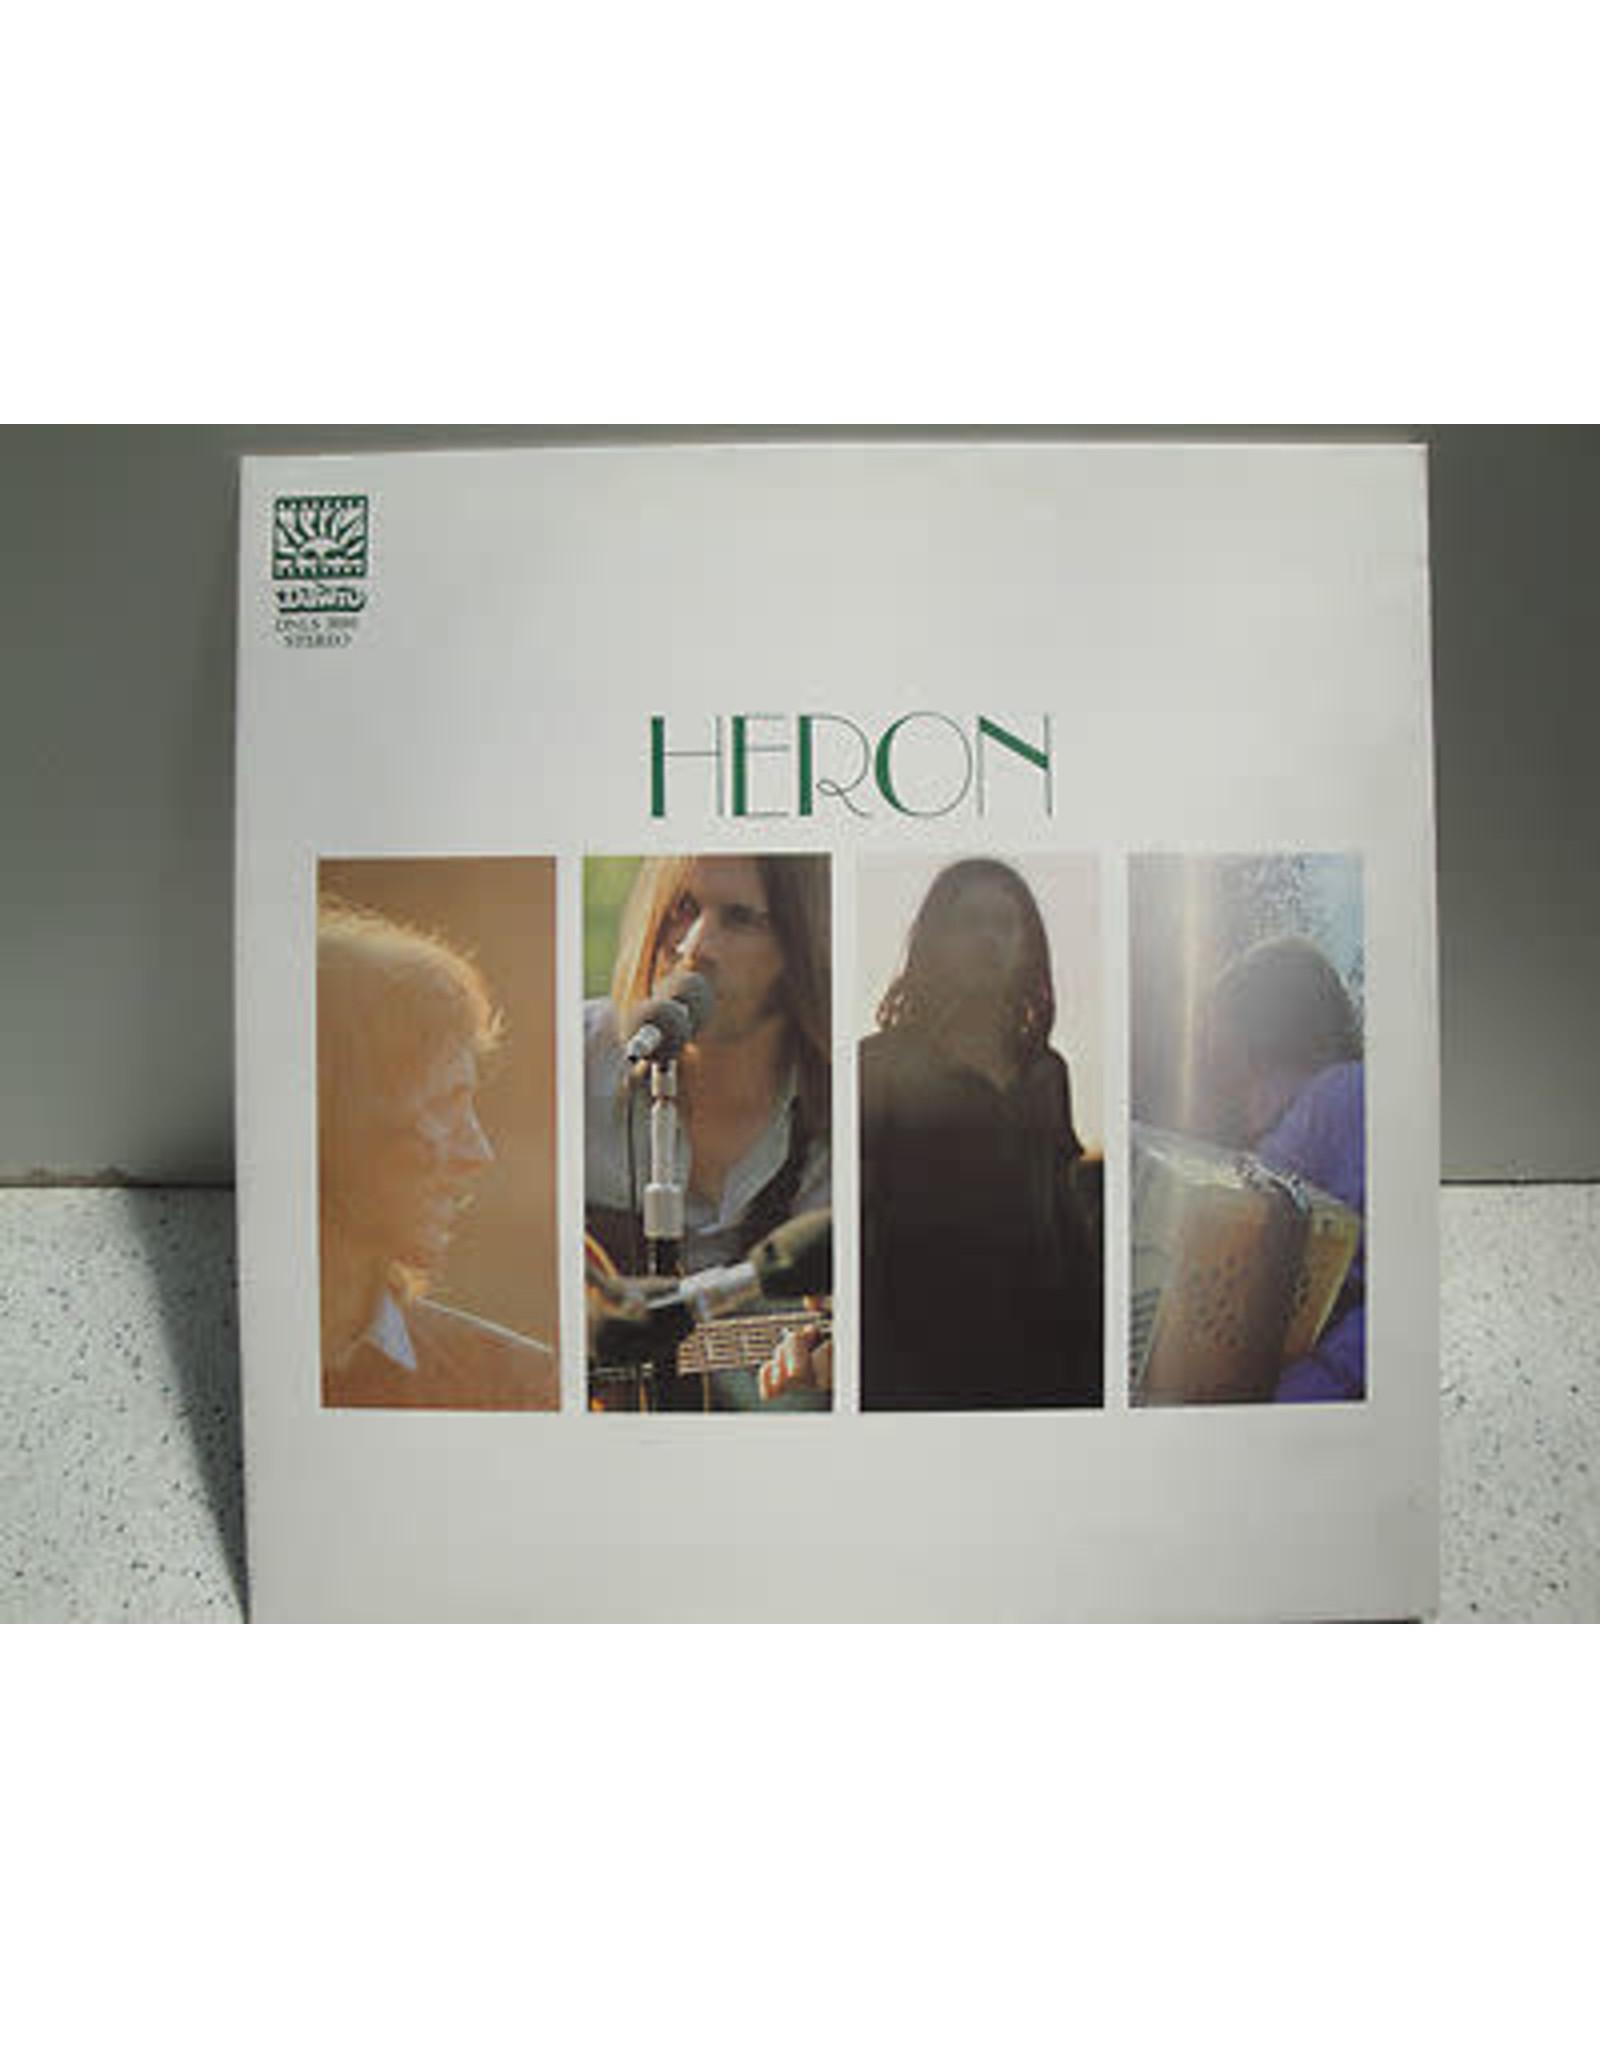 Heron - Heron LP